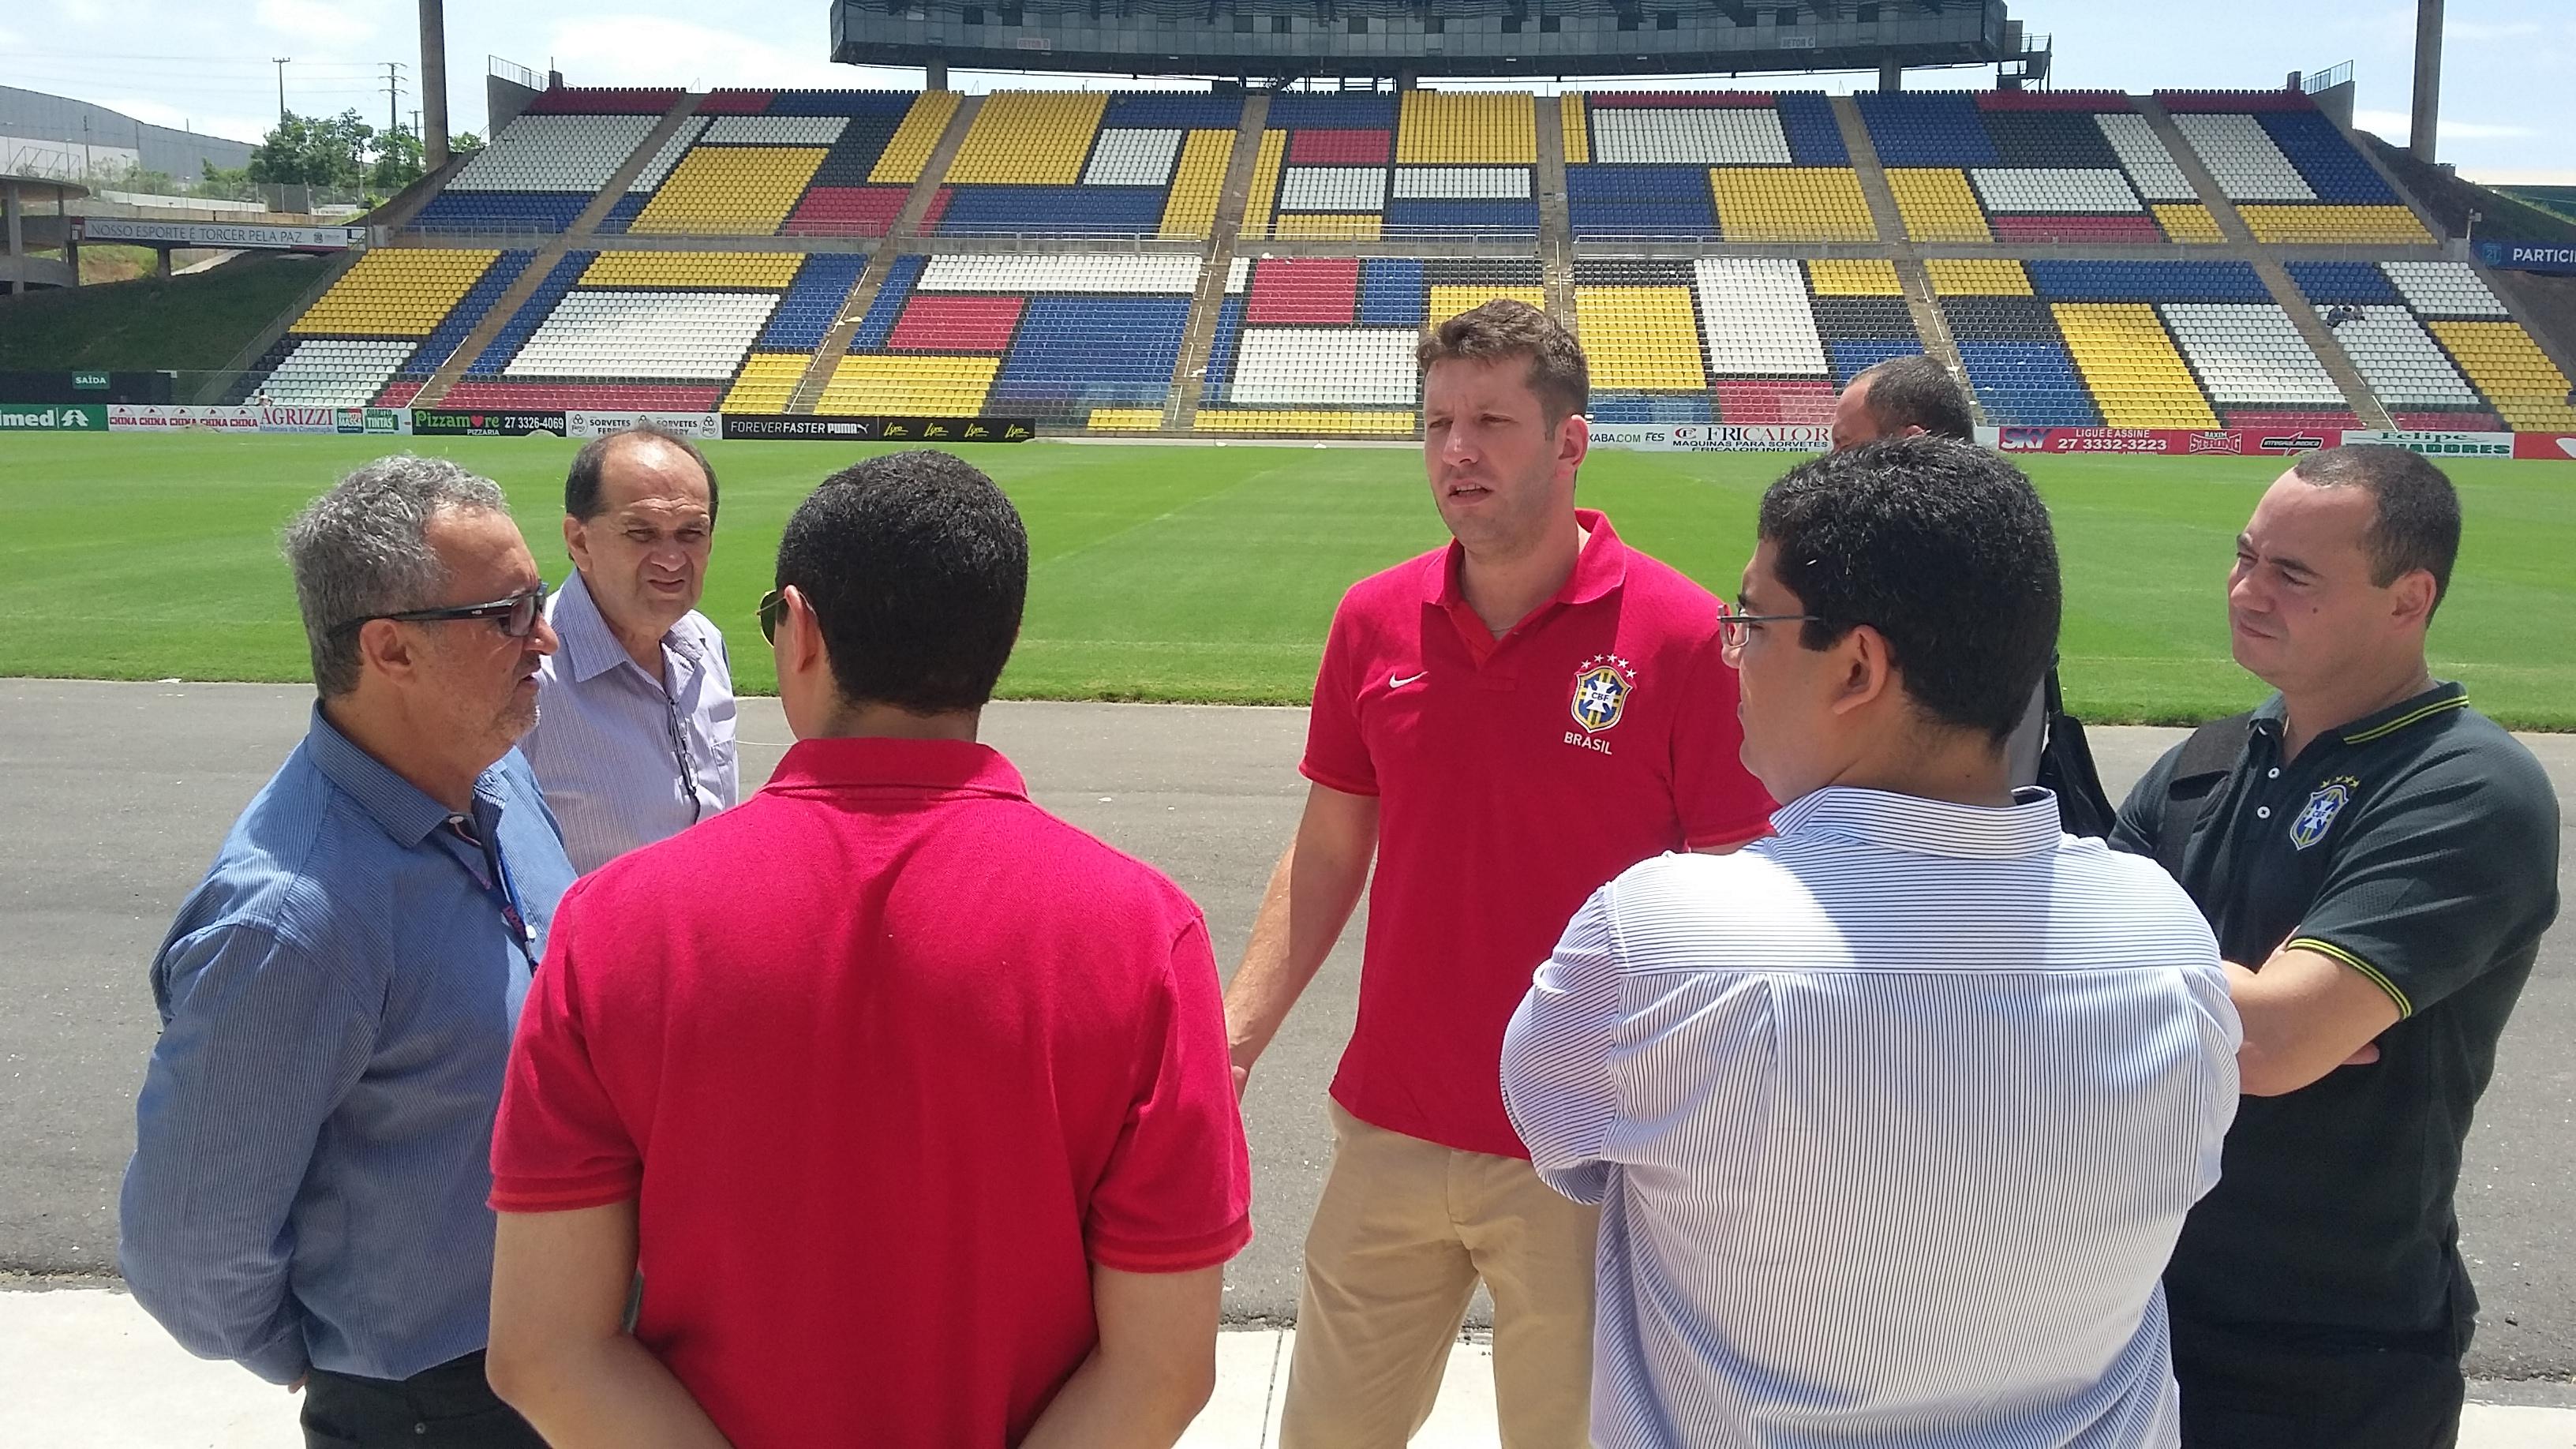 Confirmou: seleção olímpica brasileira vai jogar amistoso no Kleber ...